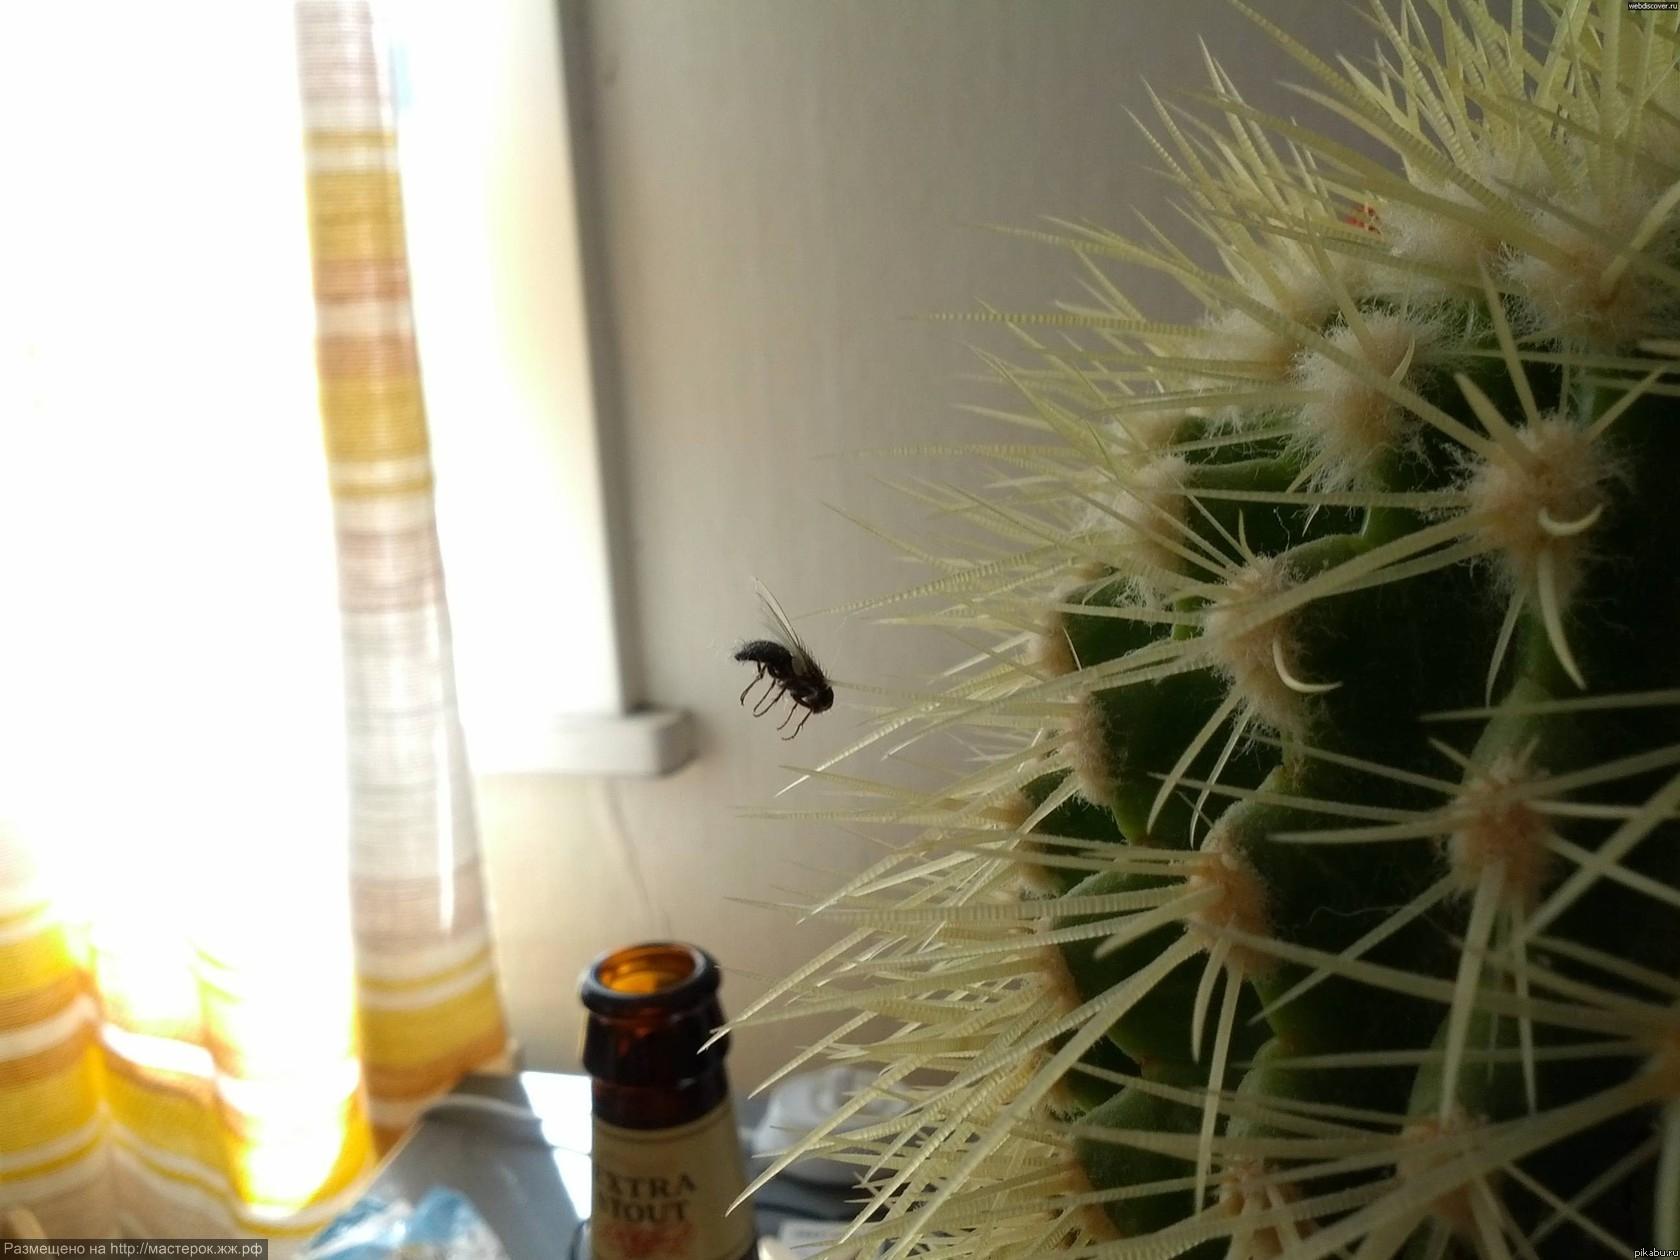 суицид-кактус-муха-фото-приколы-283364 (Копировать)